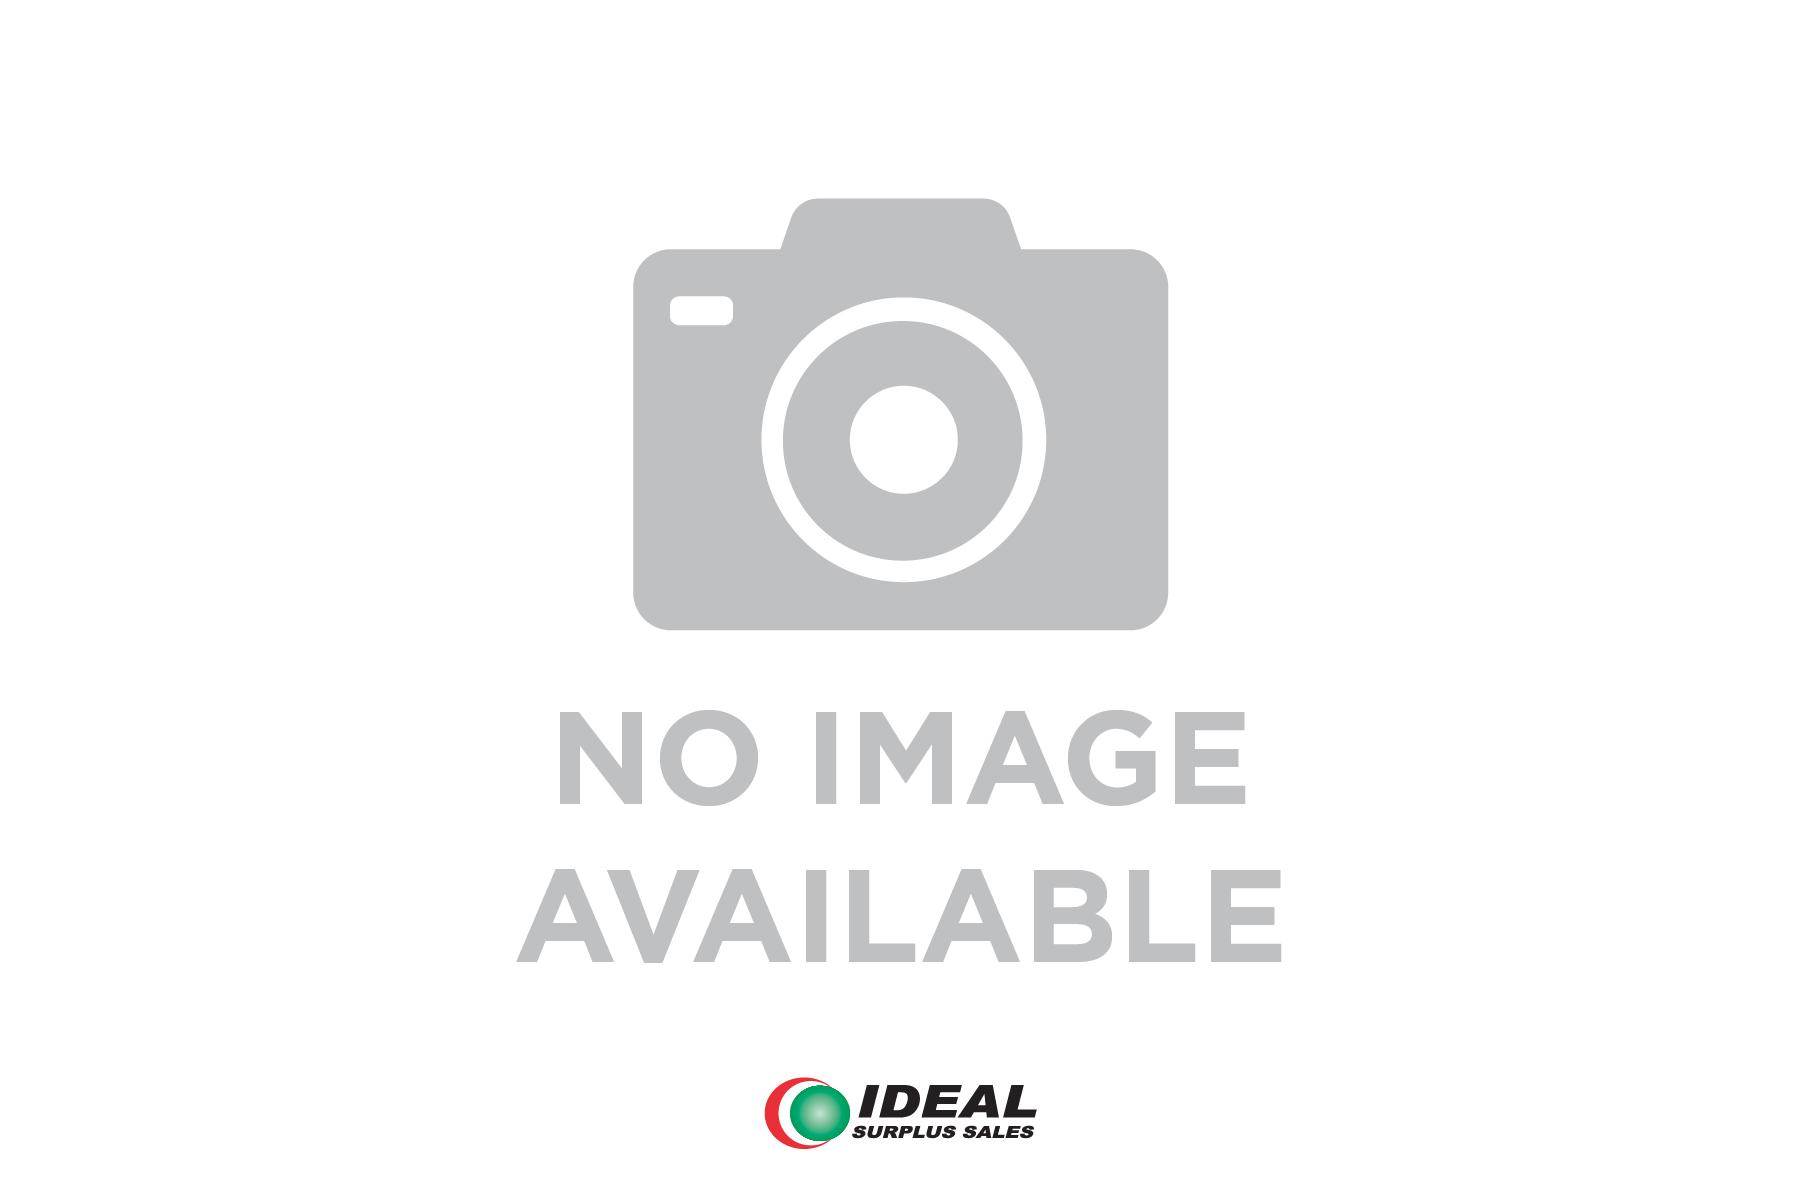 ALLEN BRADLEY 1771-ID16 INPUT MODULE  New in Box